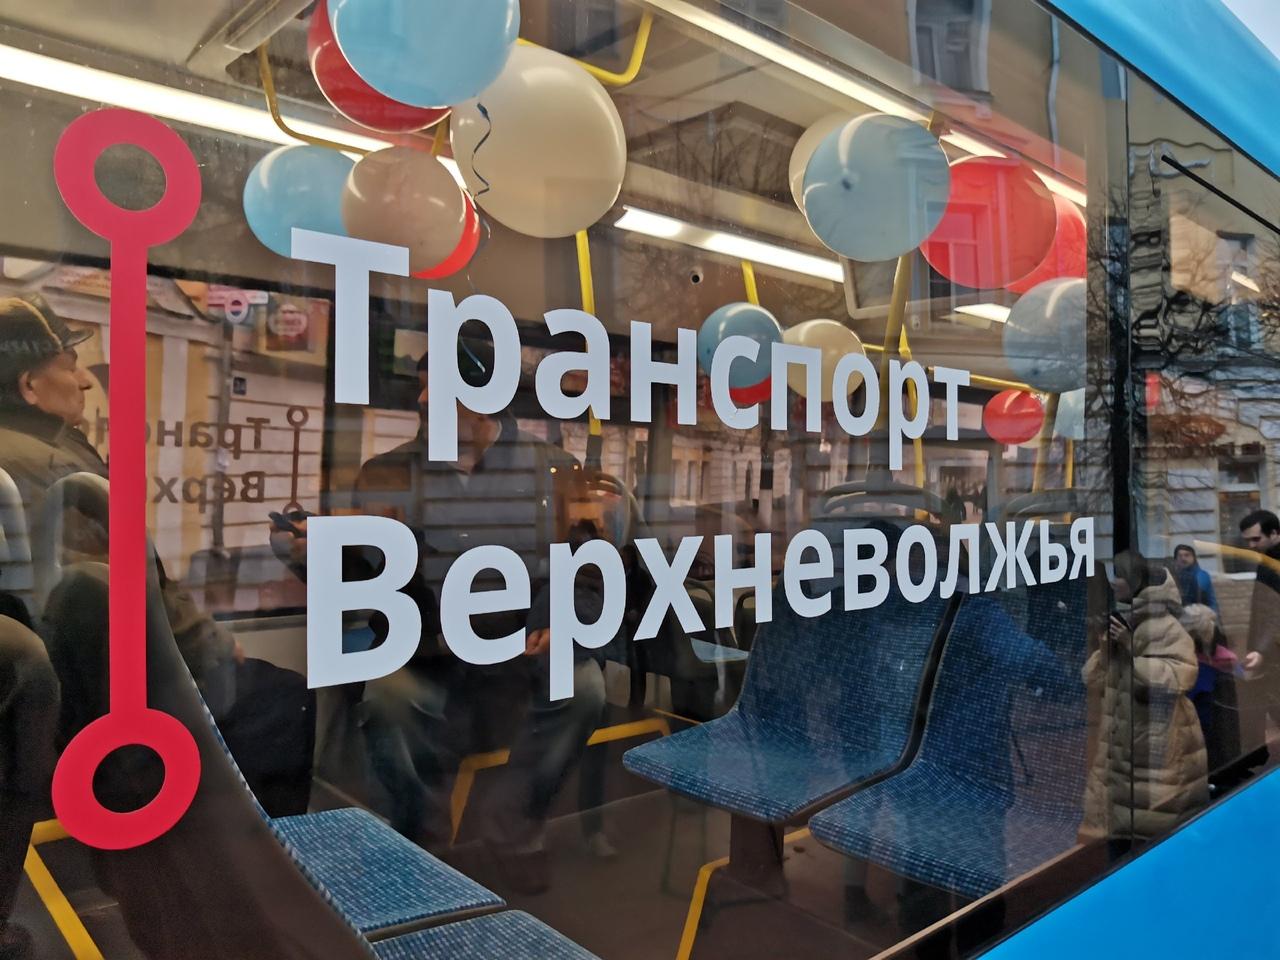 Автобусы «Транспорта Верхневолжья» выйдут еще на два маршрута